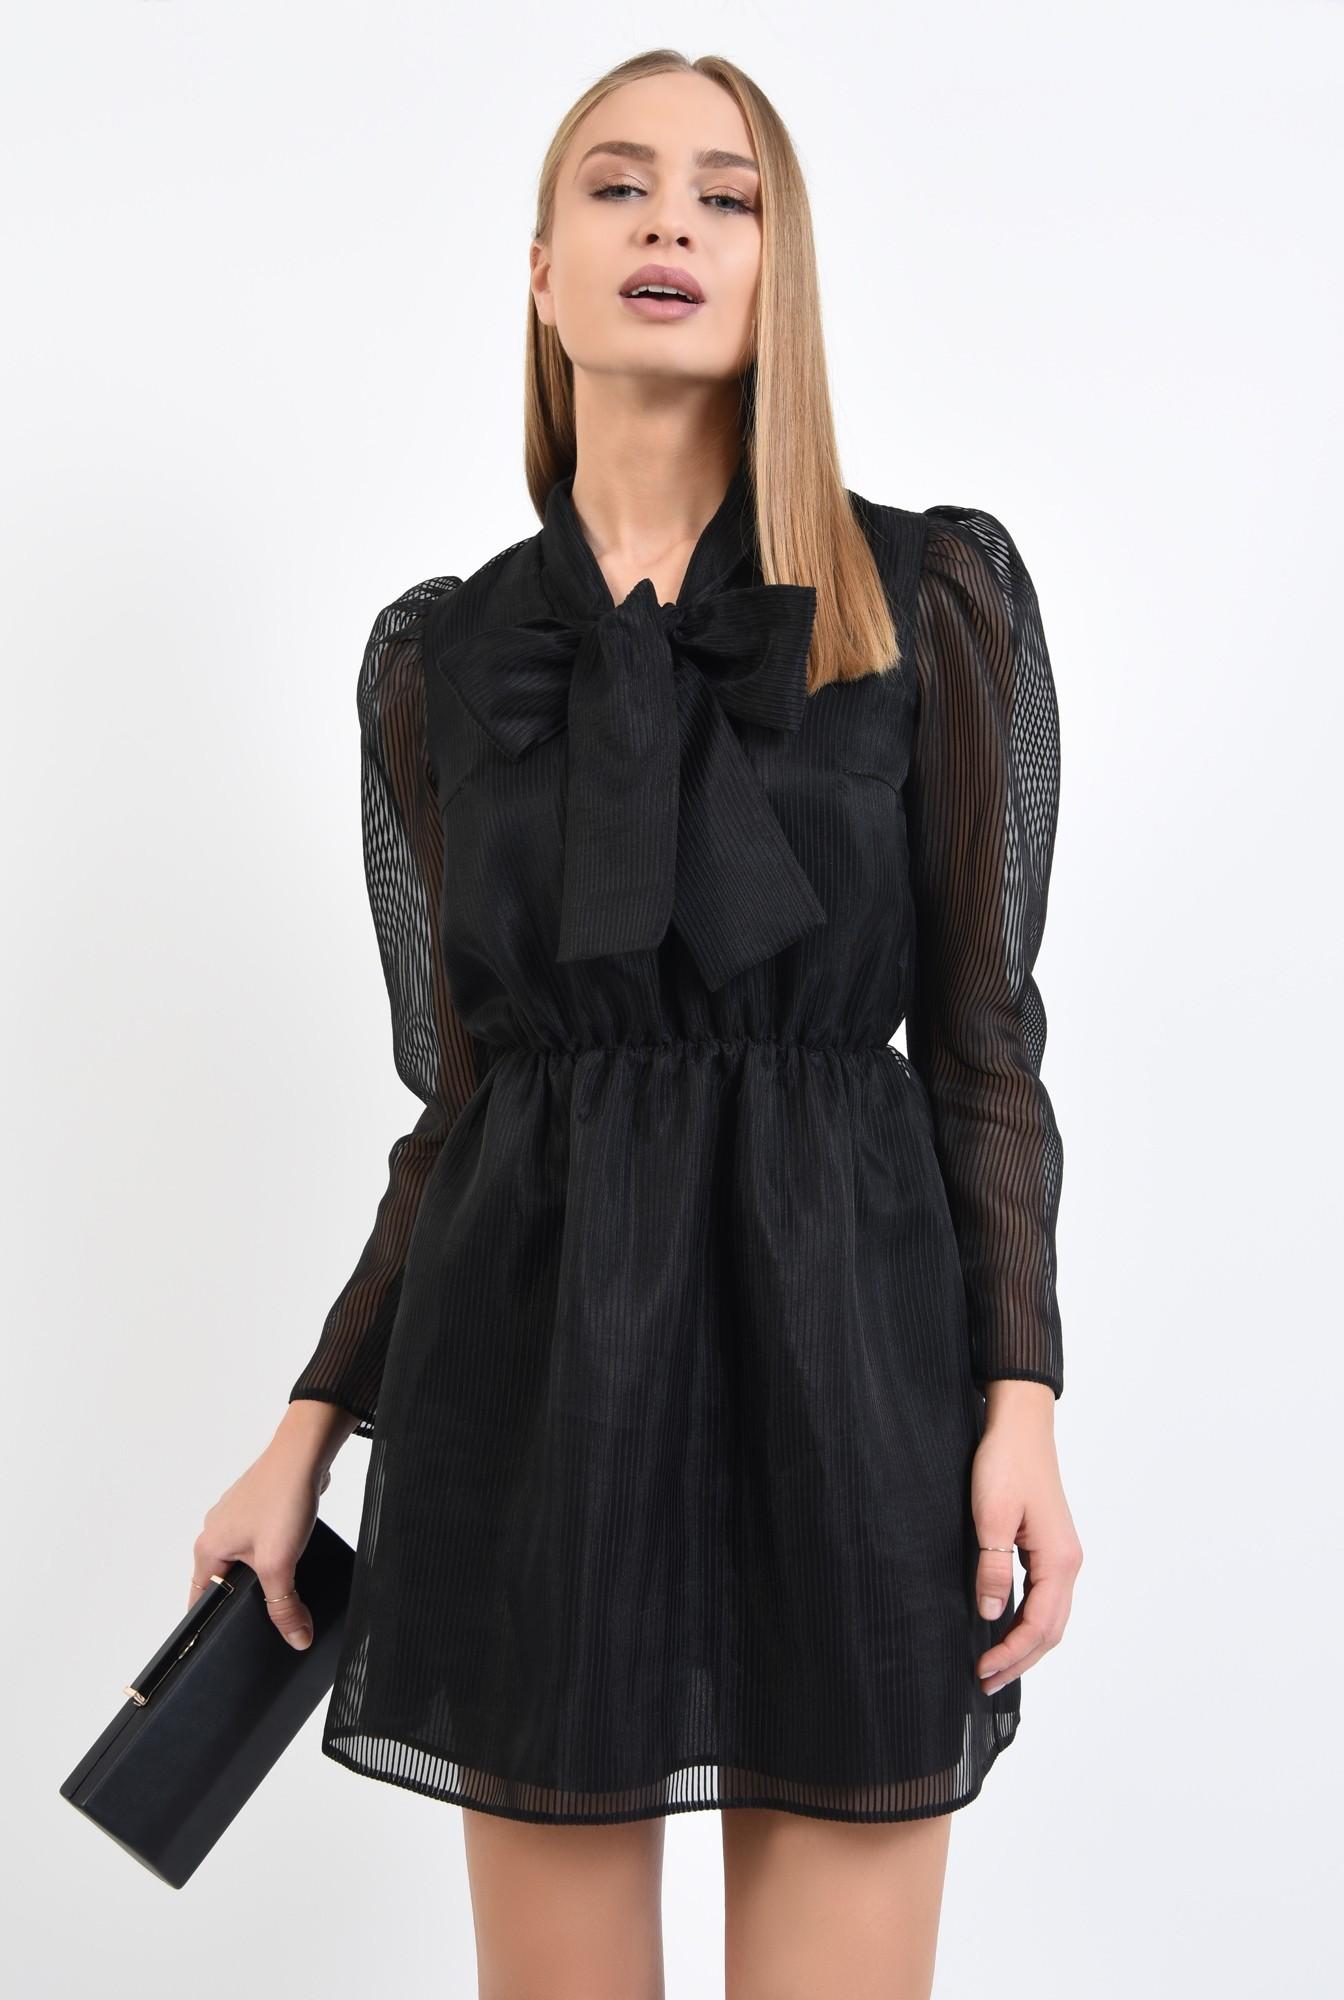 0 - 360 - rochie de seara, neagra, maneci cu cret la umar, voal tip organza